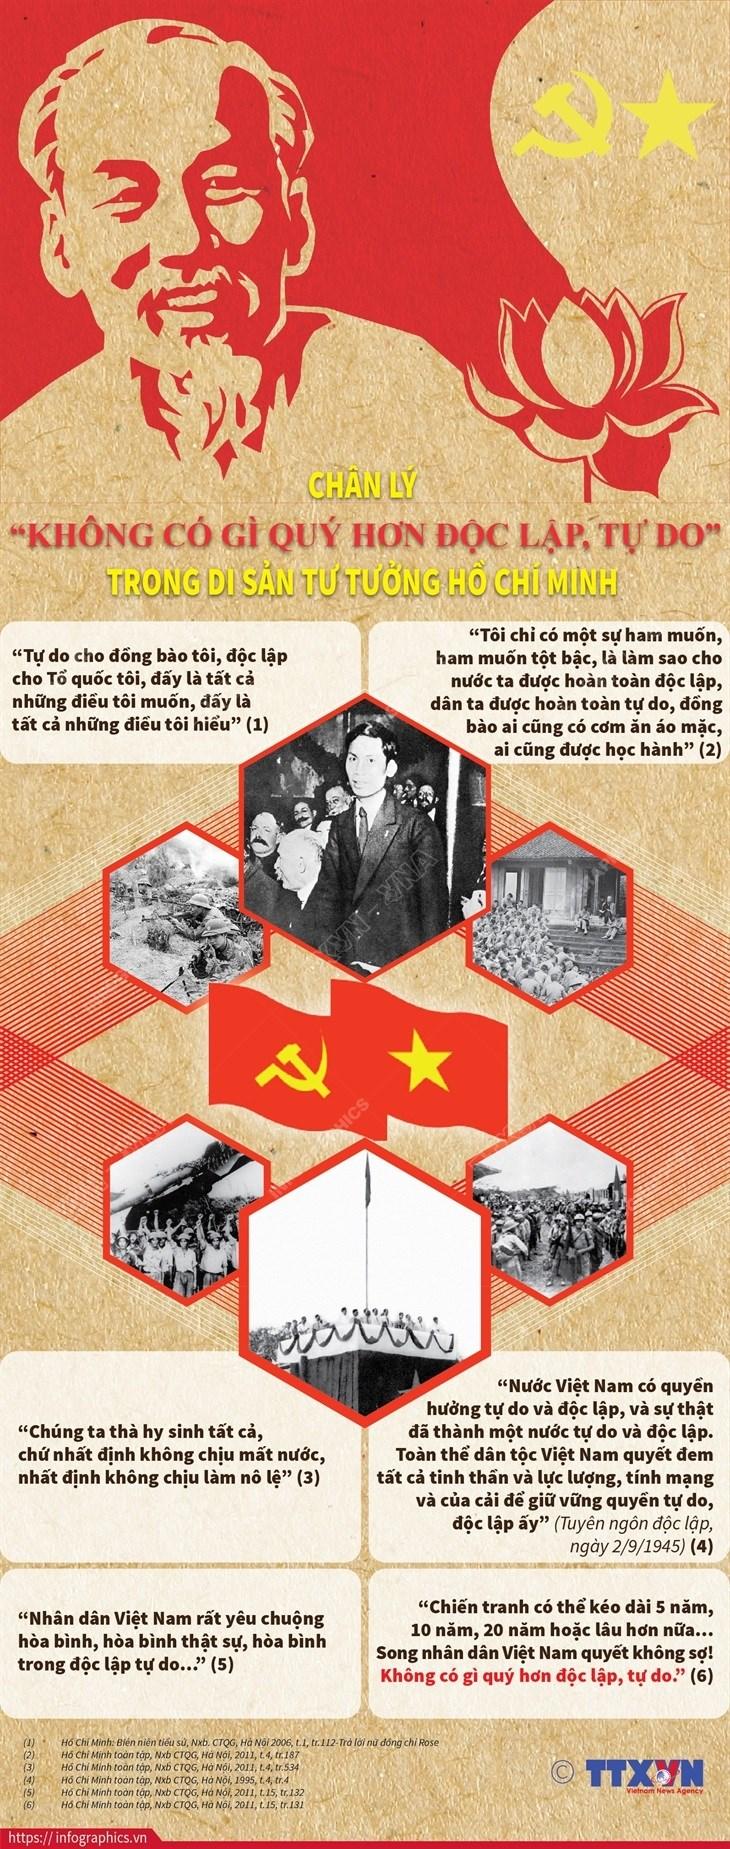 """Chan ly """"Khong co gi quy hon doc lap, tu do"""" cua Chu tich Ho Chi Minh hinh anh 1"""